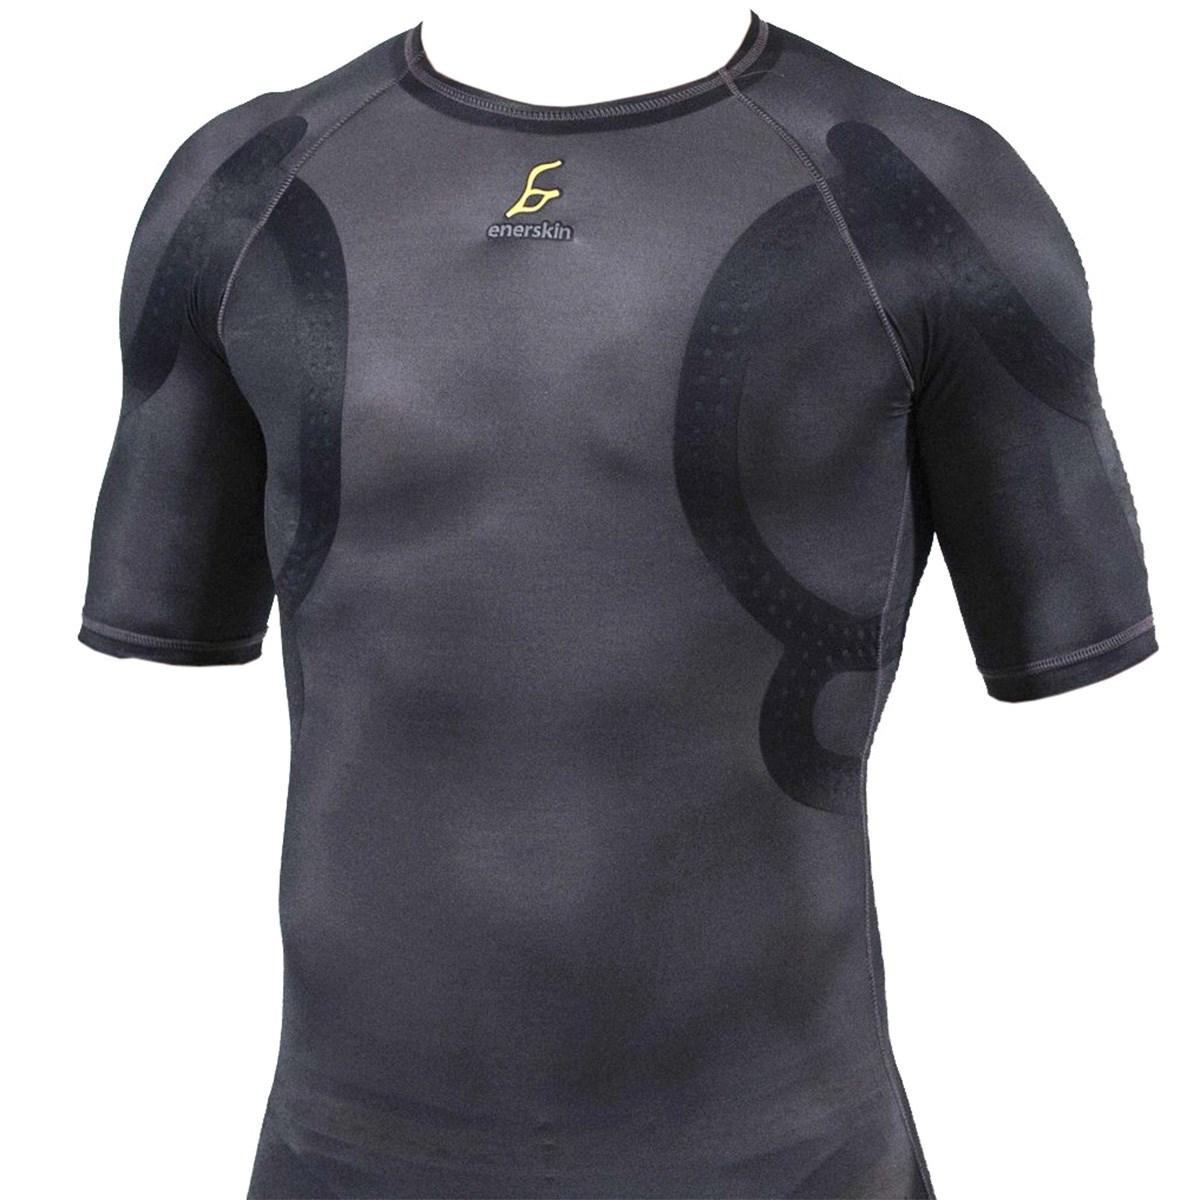 [アウトレット] [在庫限りのお買い得商品] エナスキン E70 プロアスリート向け半袖アンダーシャツ ブラック メンズ ゴルフウェア